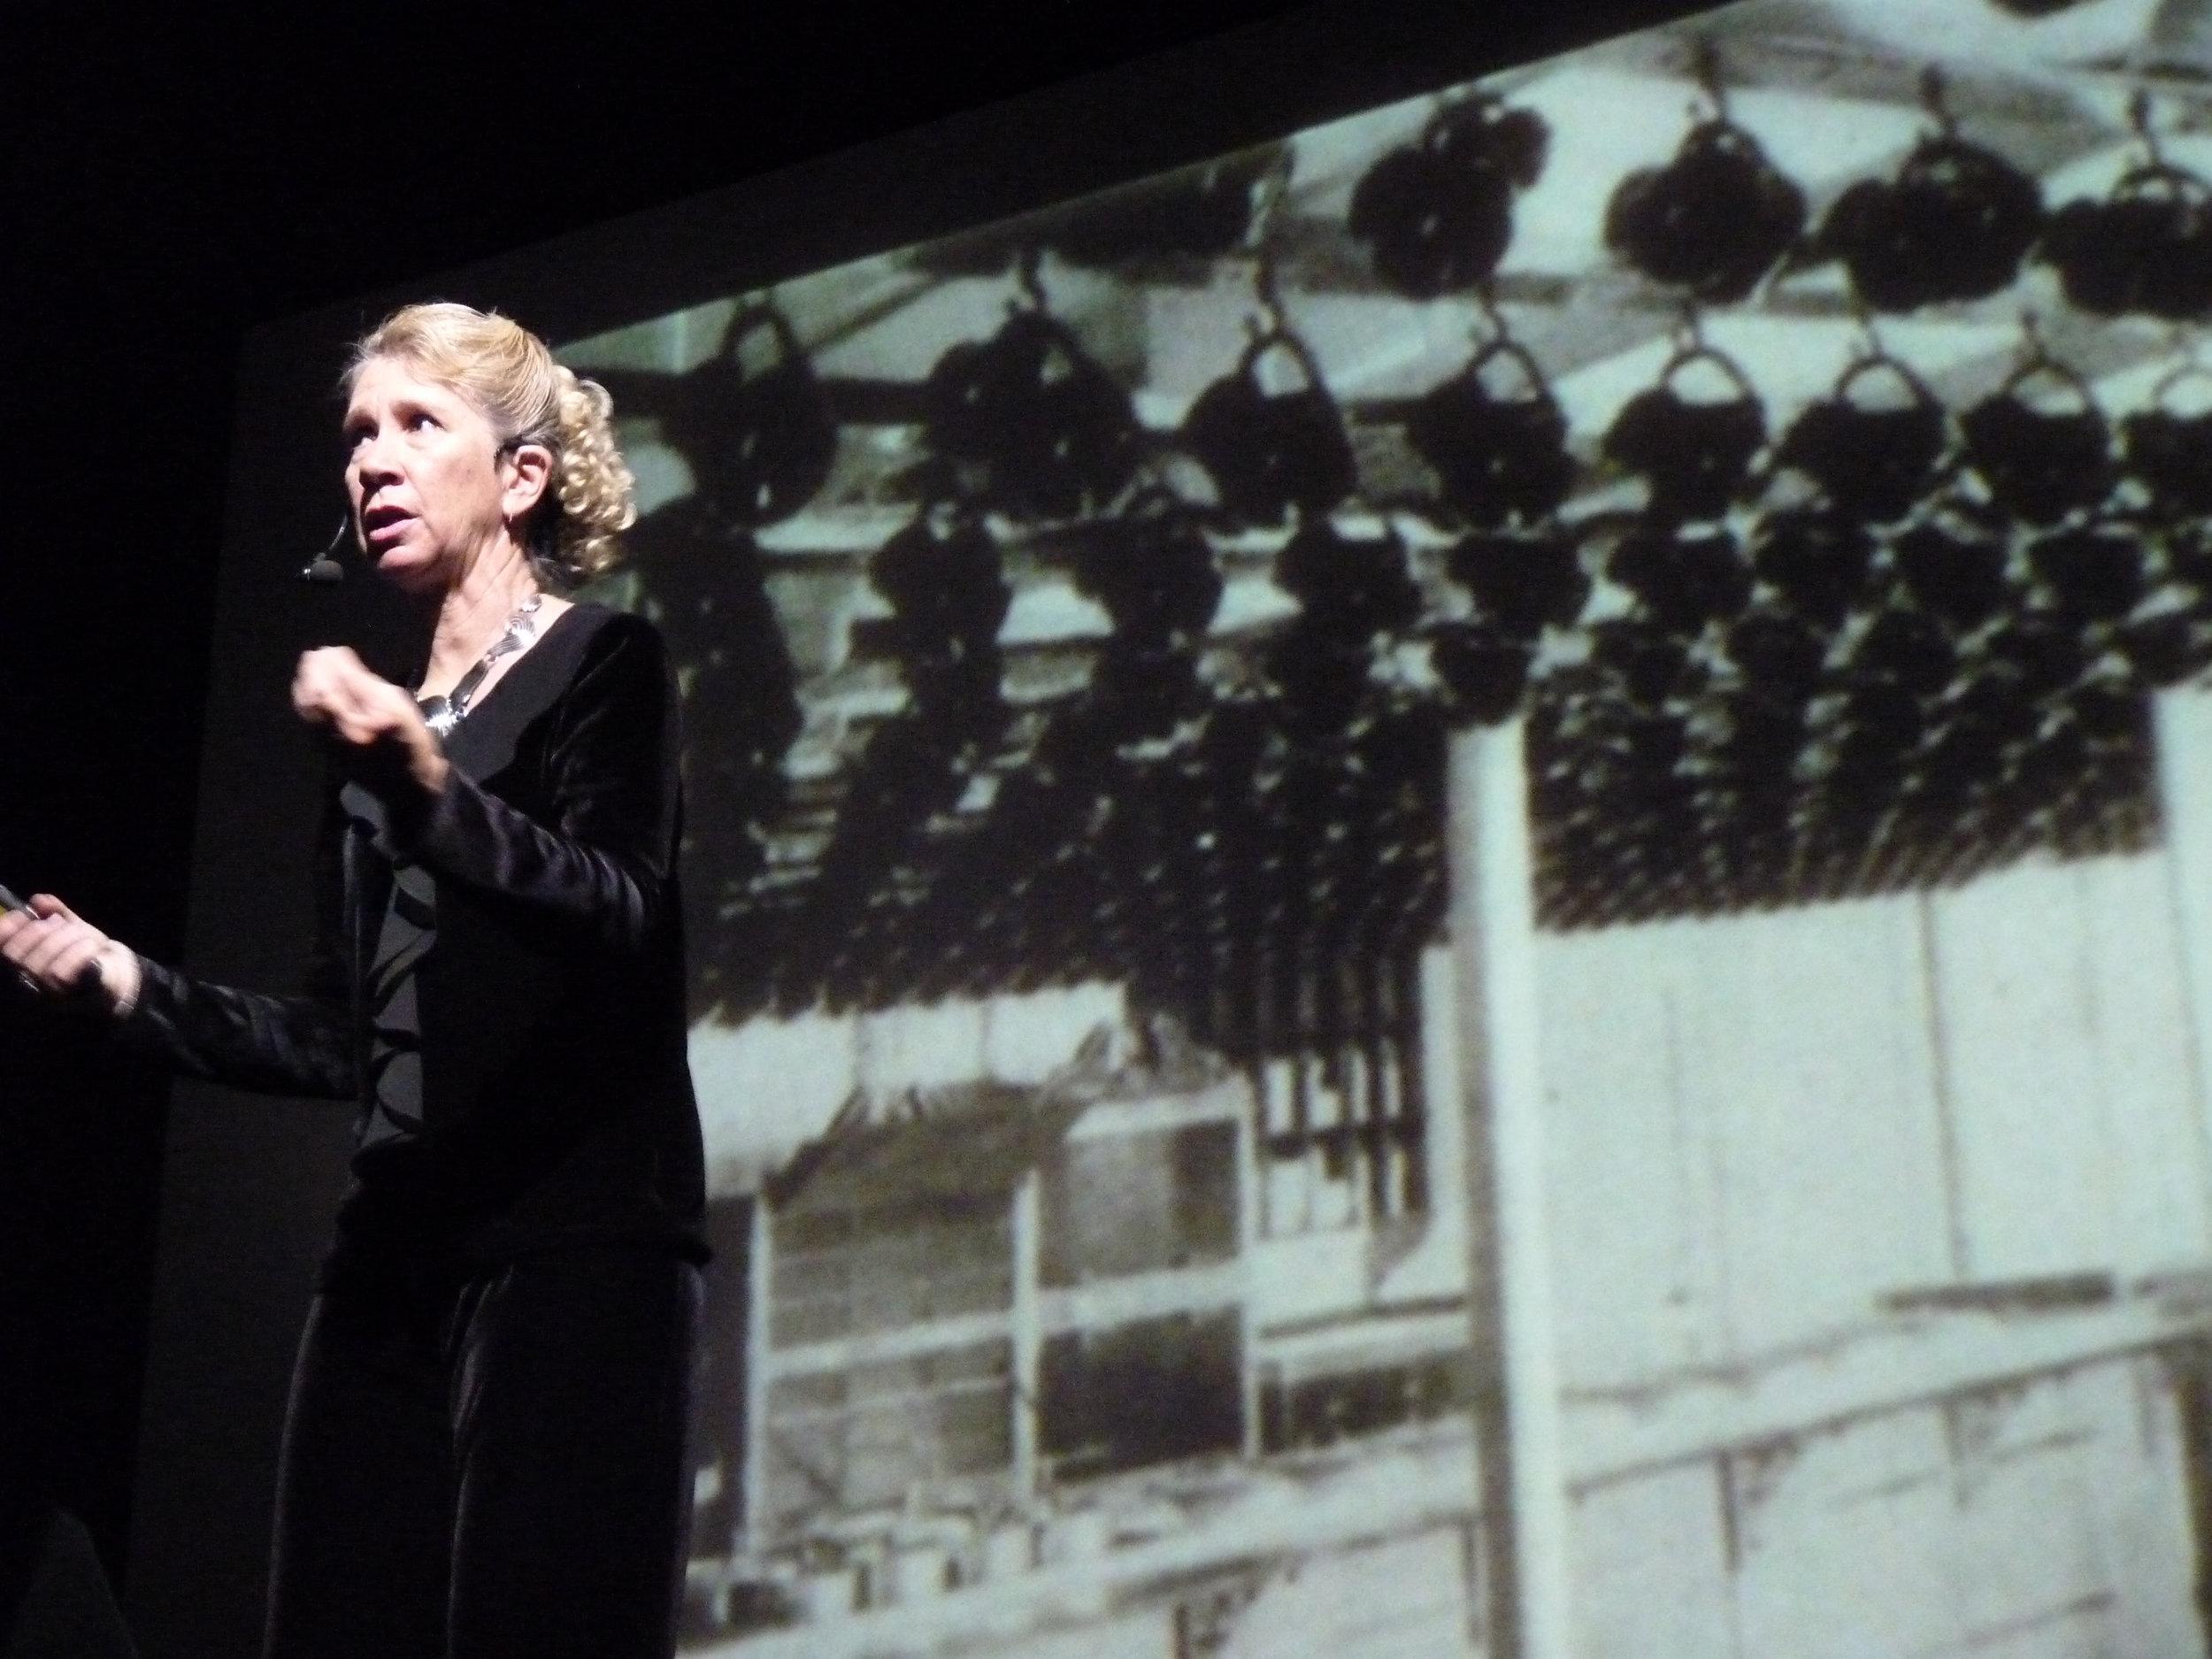 MARY AMANDA FAIRCHILD PRESENTING THIS KEYNOTE  Photo credit: Mary Amanda Fairchild ( www.maryamandatotalmusic.com )